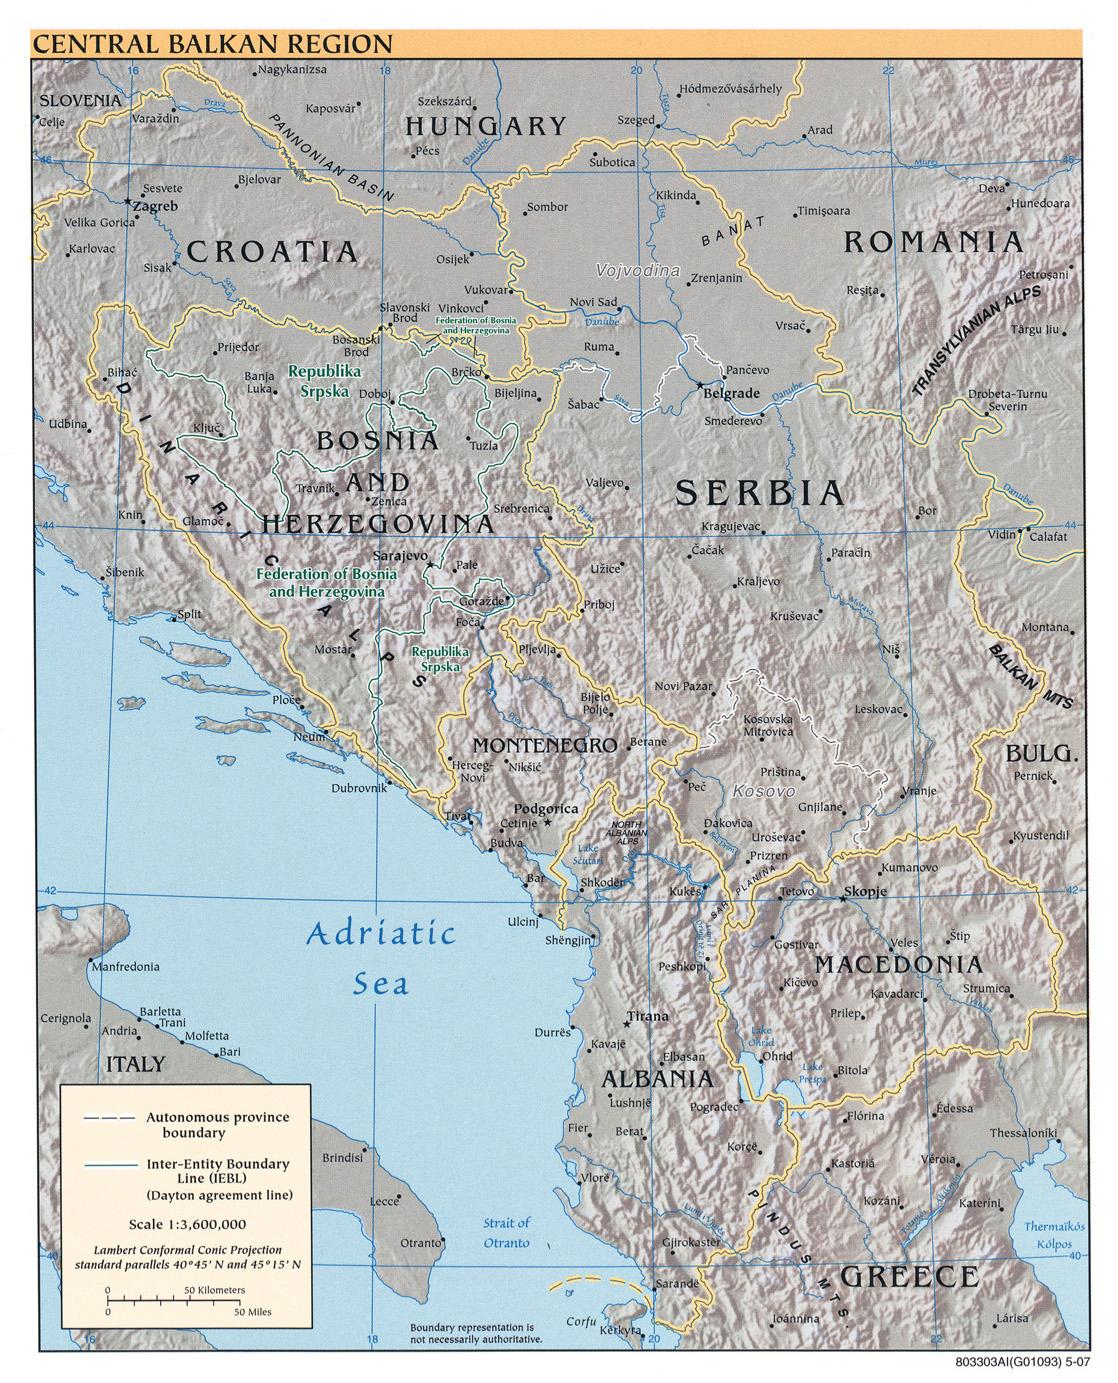 Mapa Físico de los Balcanes Occidental 2007